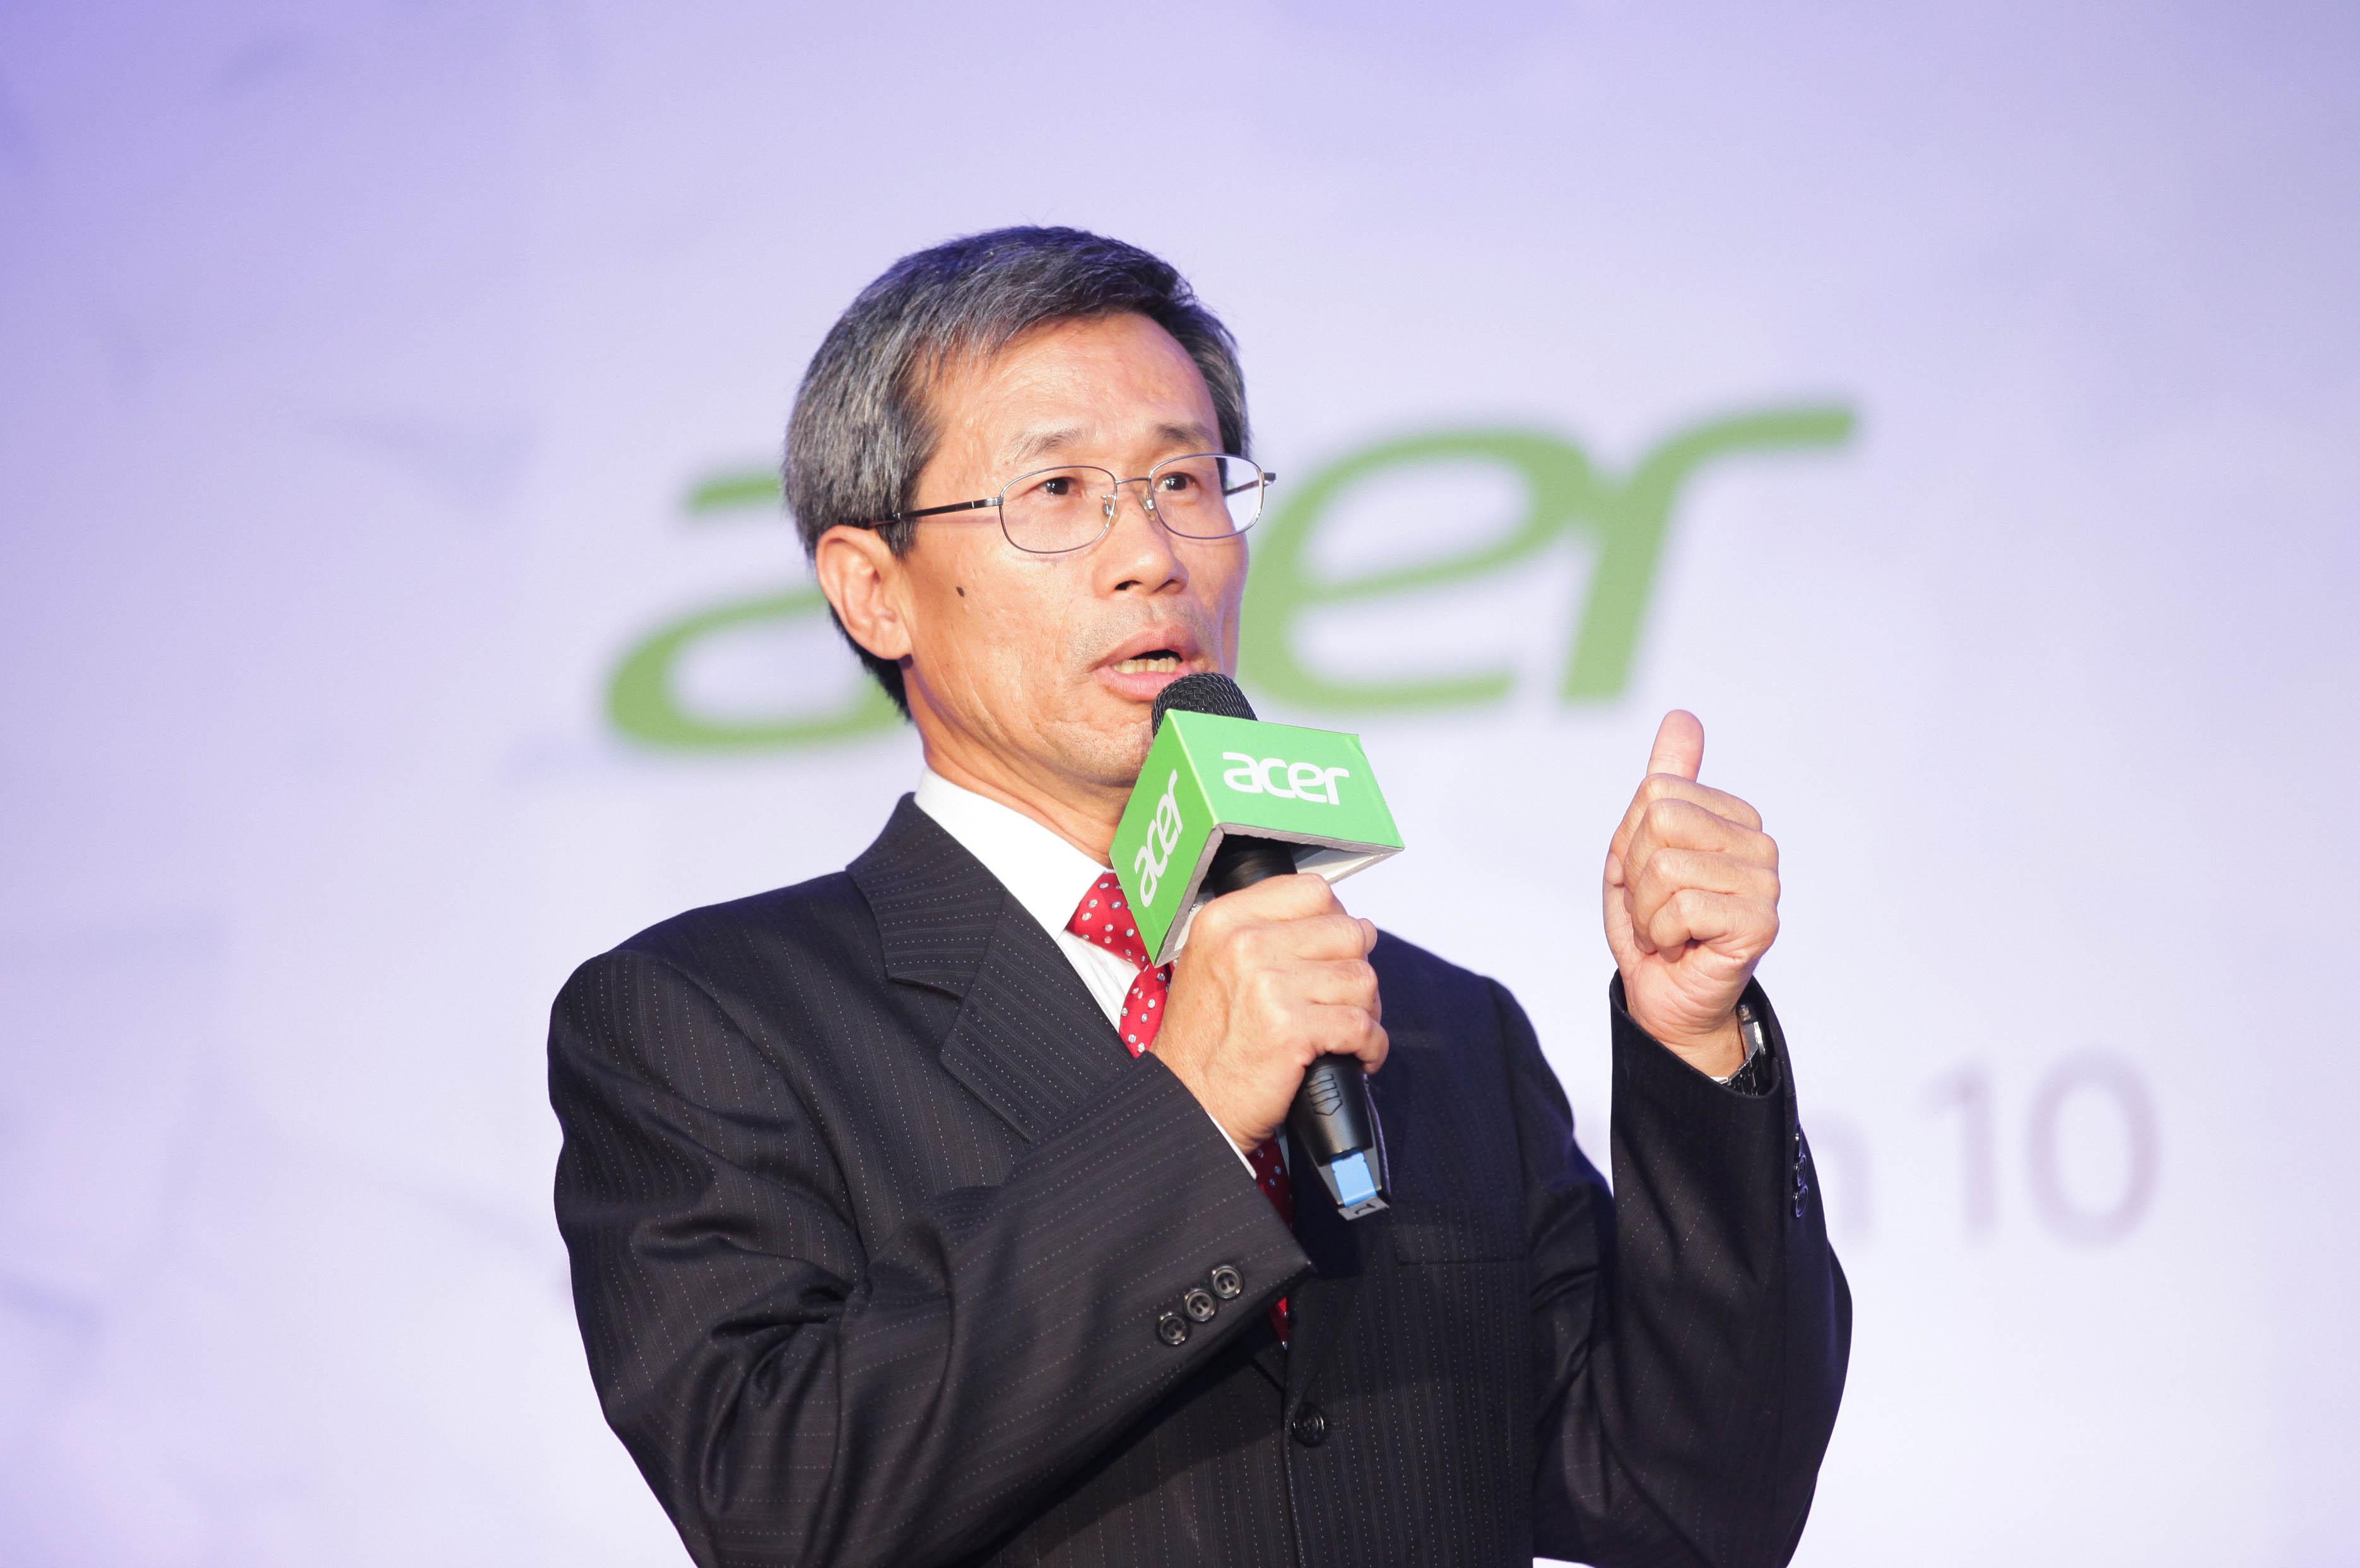 宏碁台灣區營運總部總經理黃鐘鋒